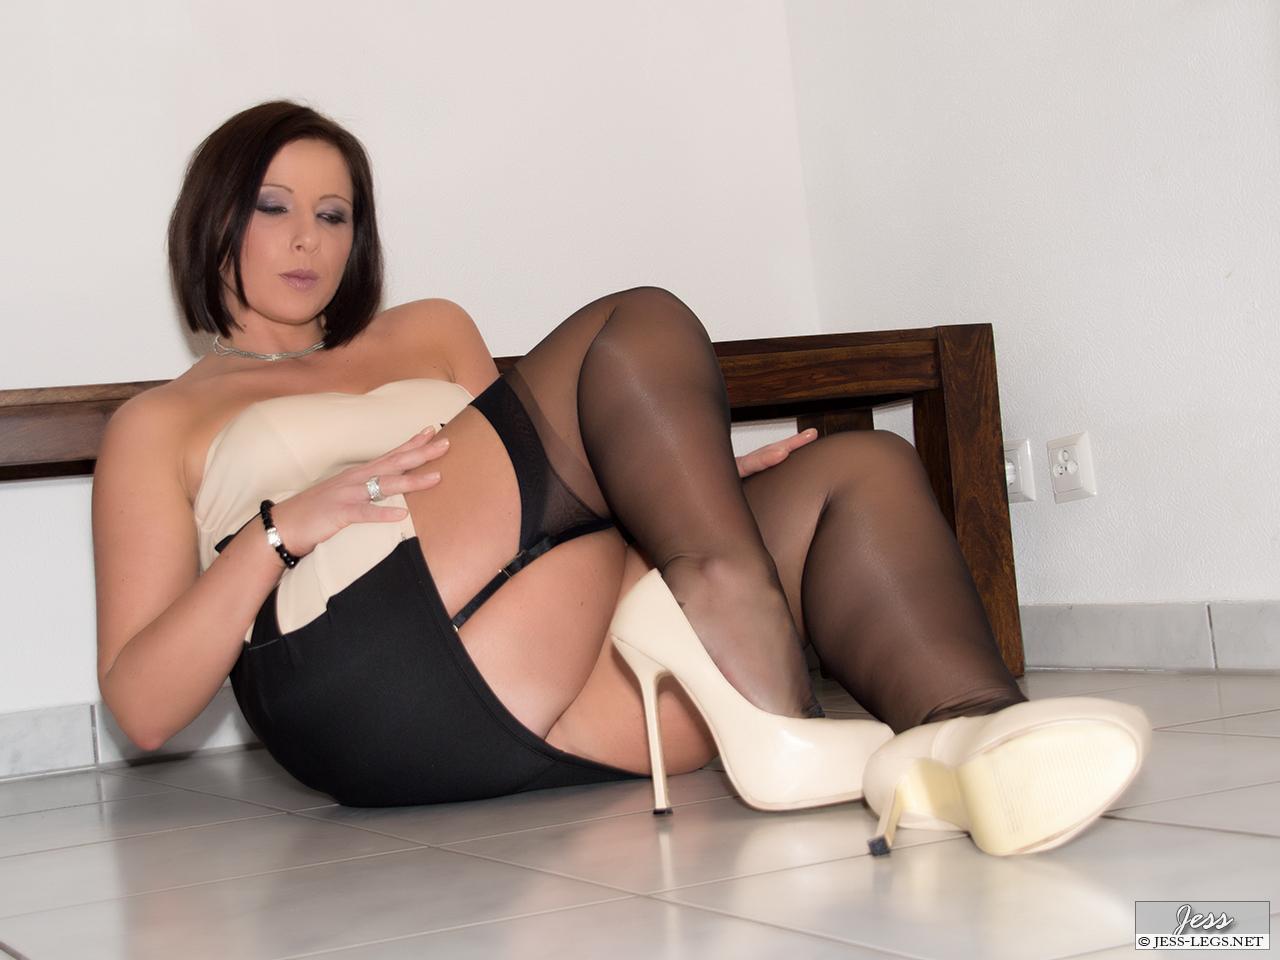 Amber hahn foot fetish video 5